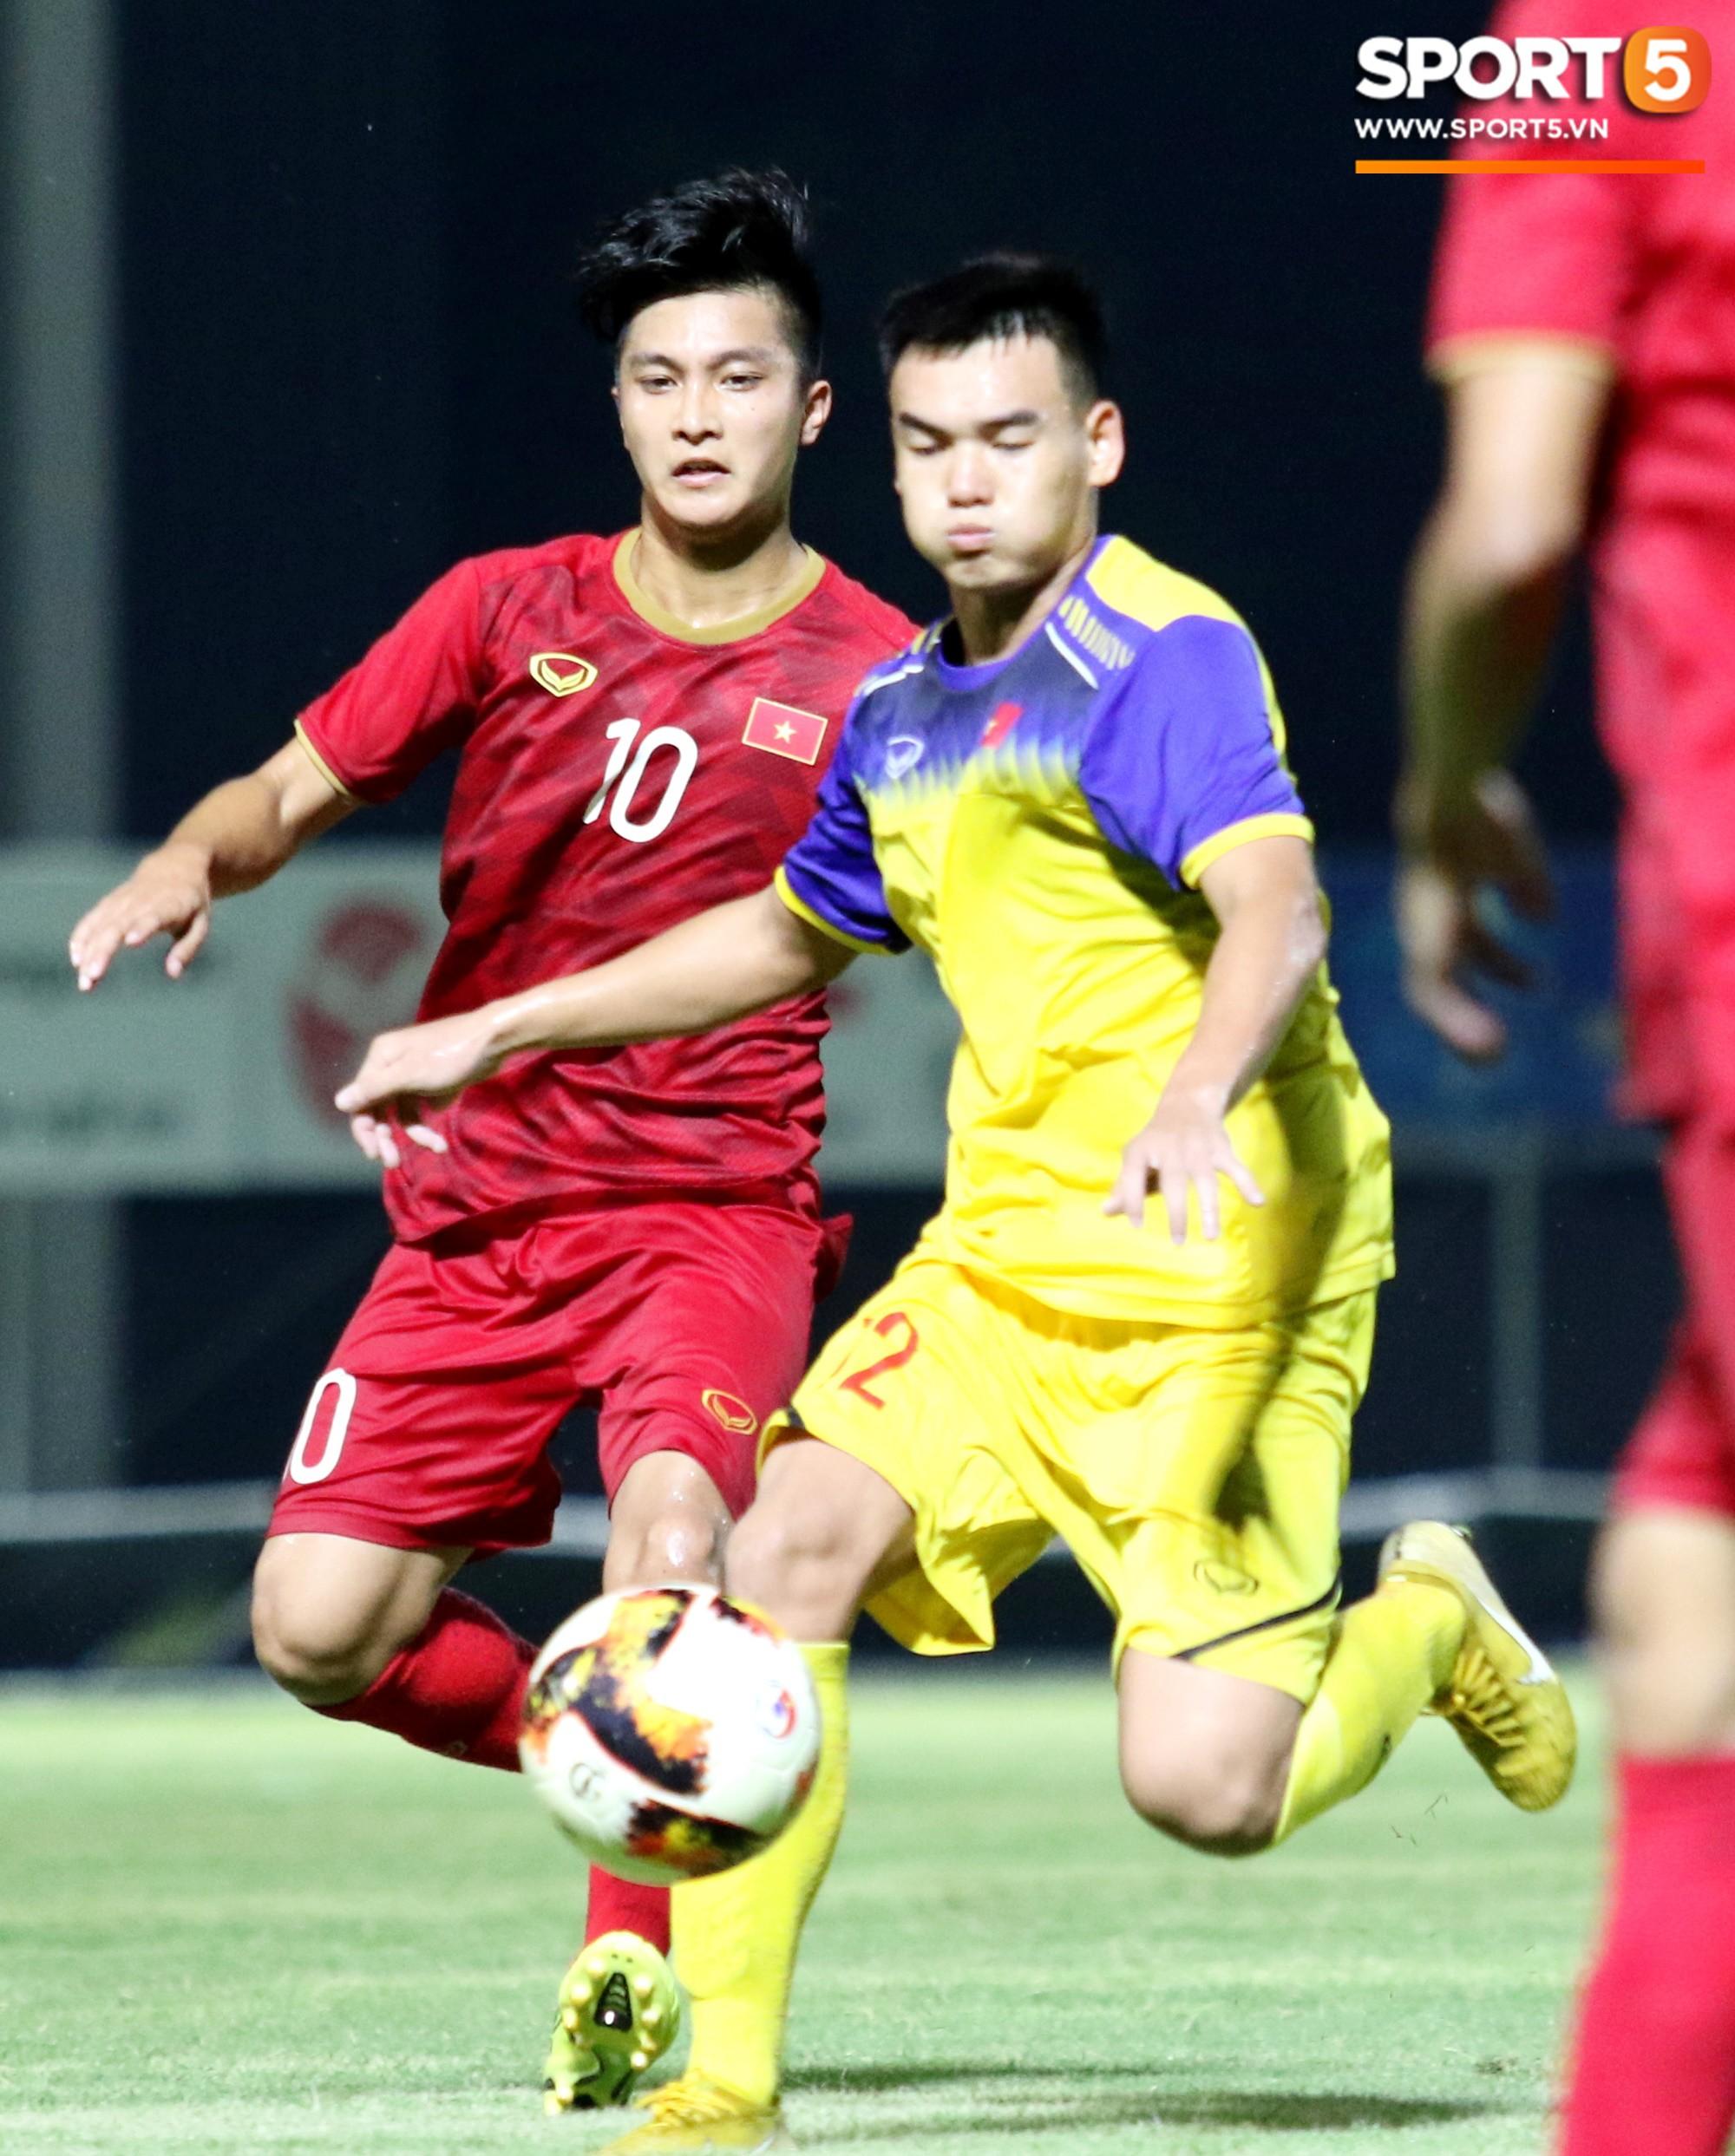 Đánh bại U18 Việt Nam, HLV Park Hang-seo phát hiện nhân tố thay thế Đình Trọng tại SEA Games - Ảnh 11.